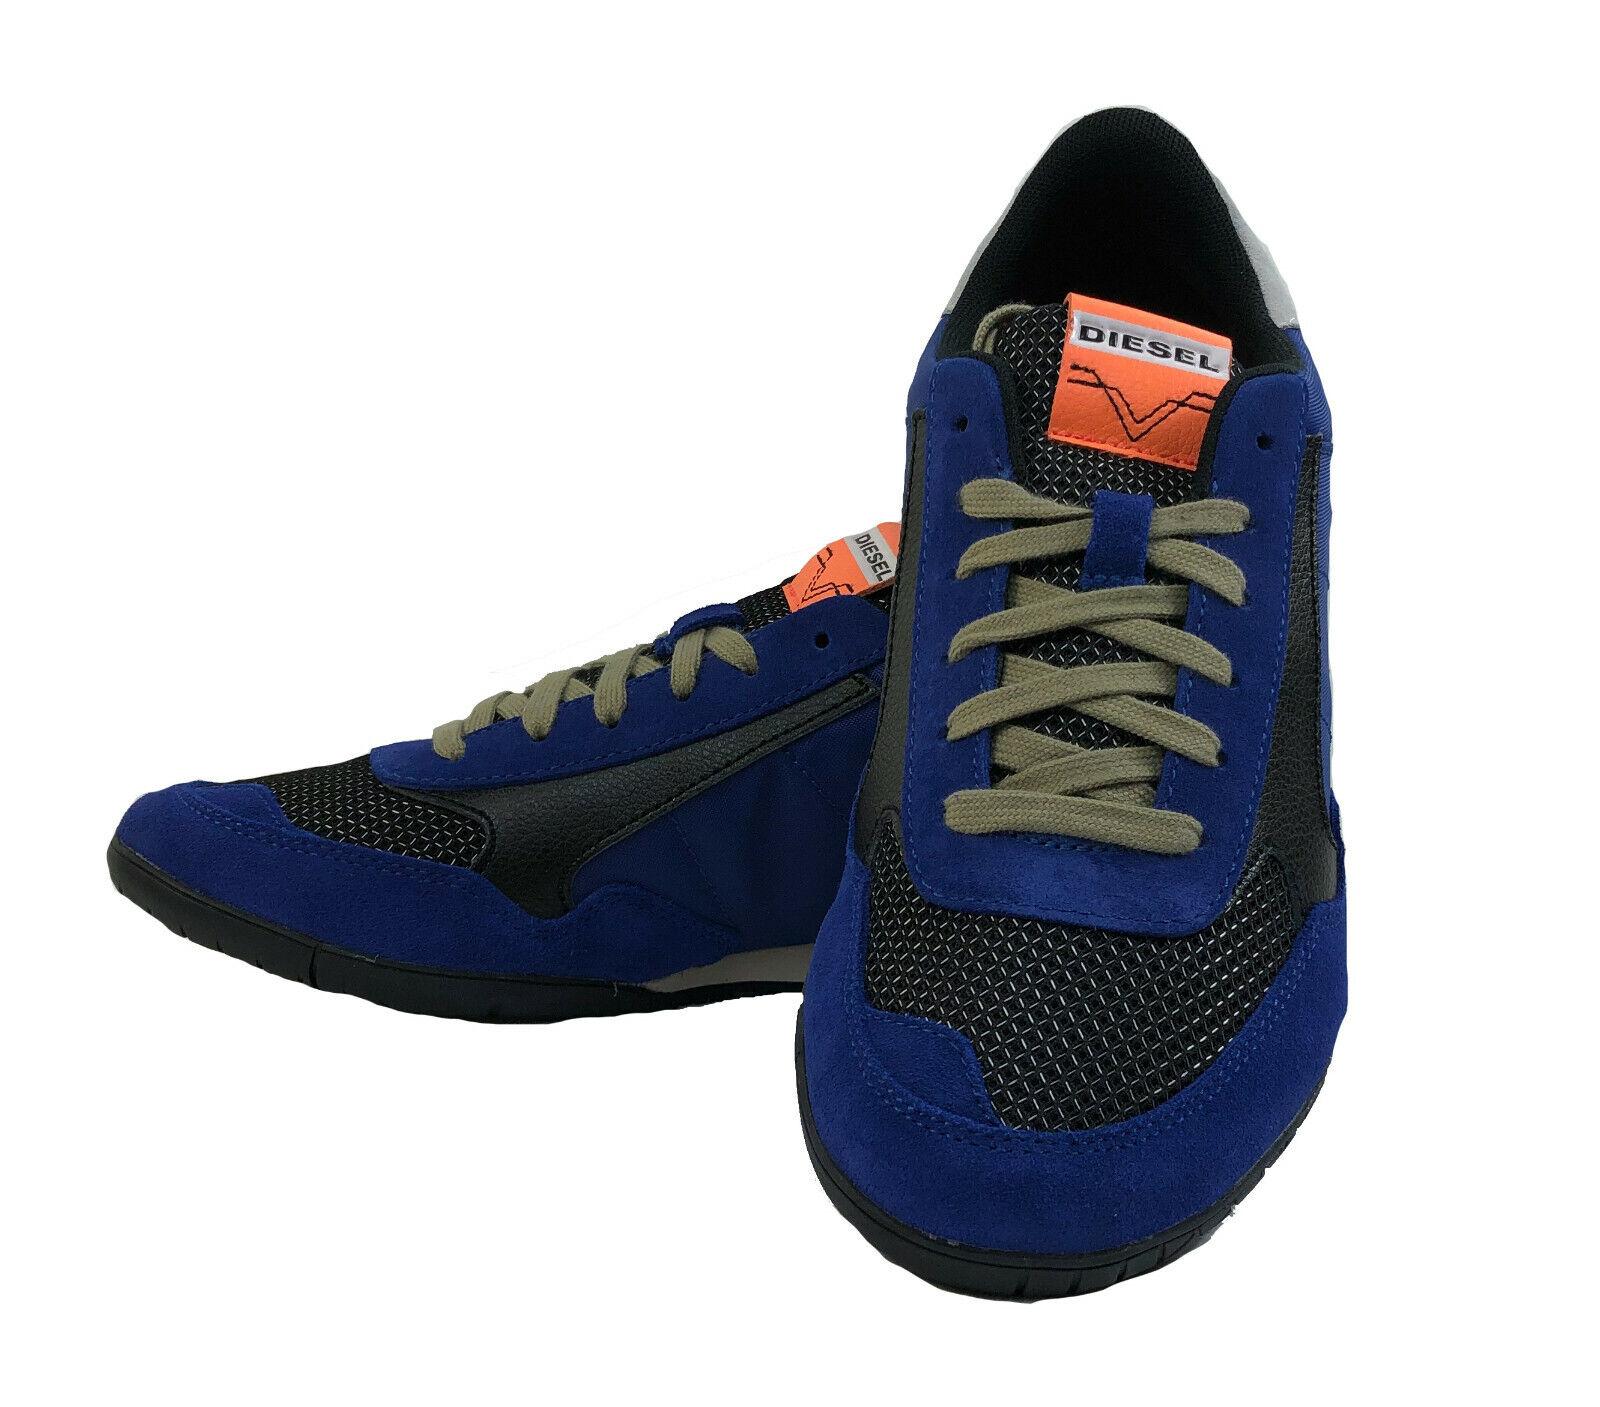 schwarz blau S TOCLAW Turnschuhe Herren DIESEL Größe Schuhe